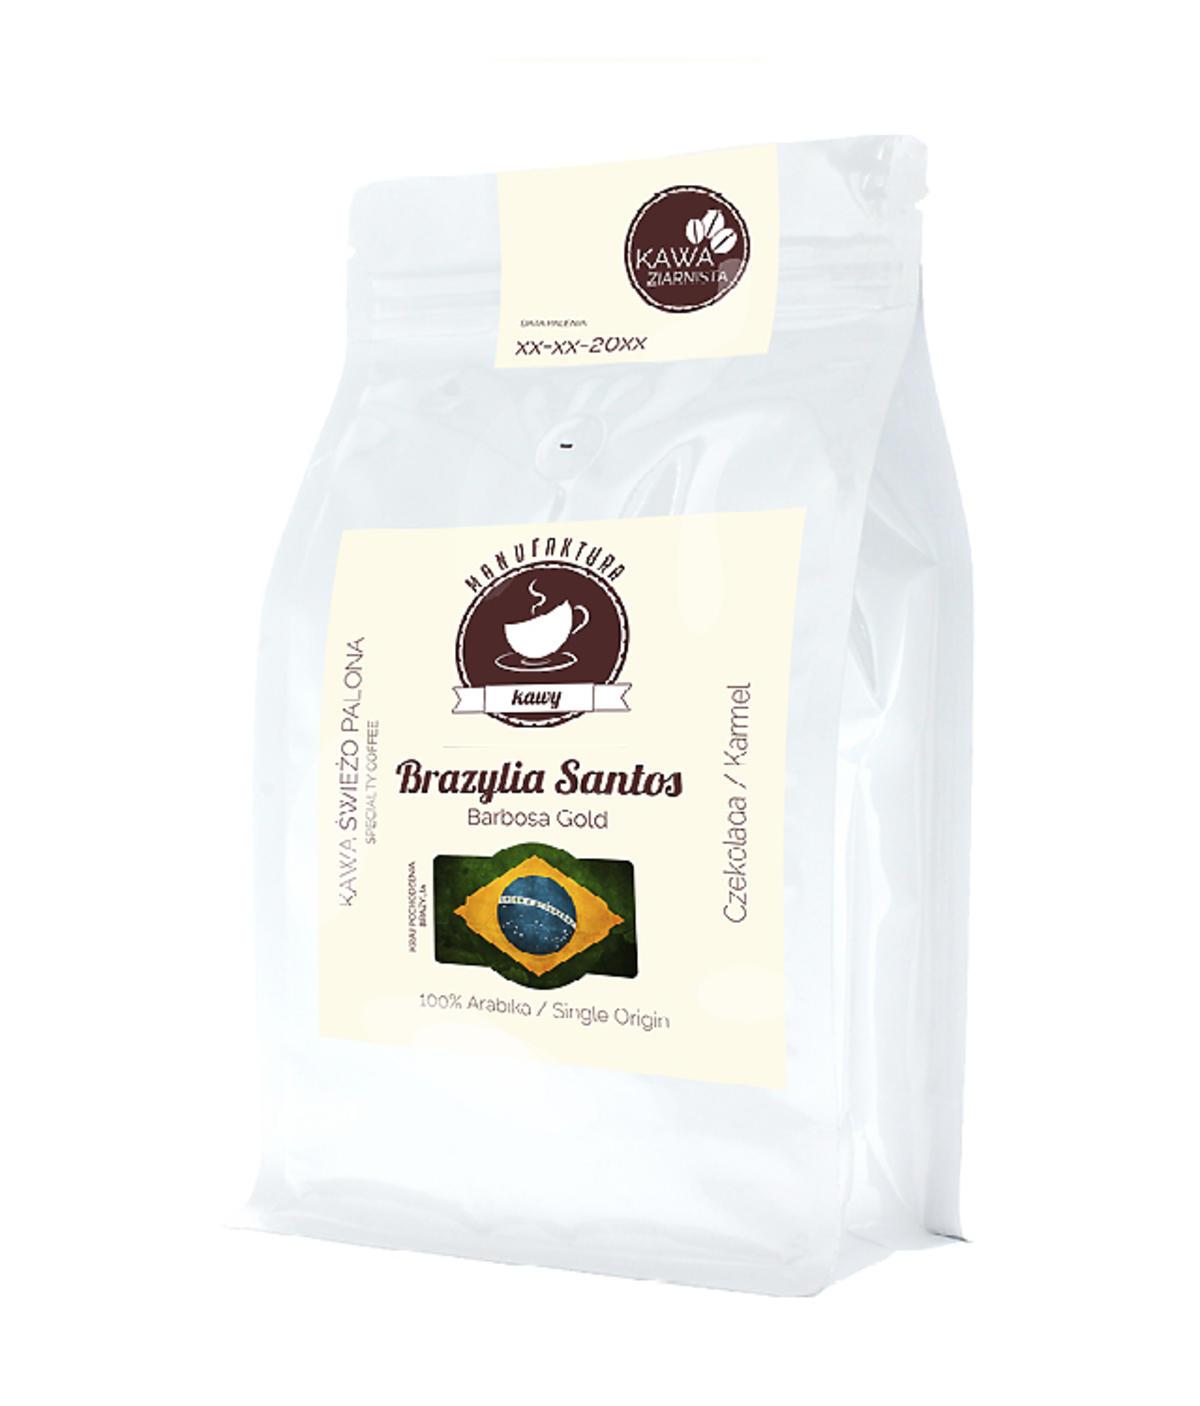 Kawa ziarnista Brazylia Santos Barbosa Gold, Manufaktura Kawy / manufakturakawy.com, 29,99 zł